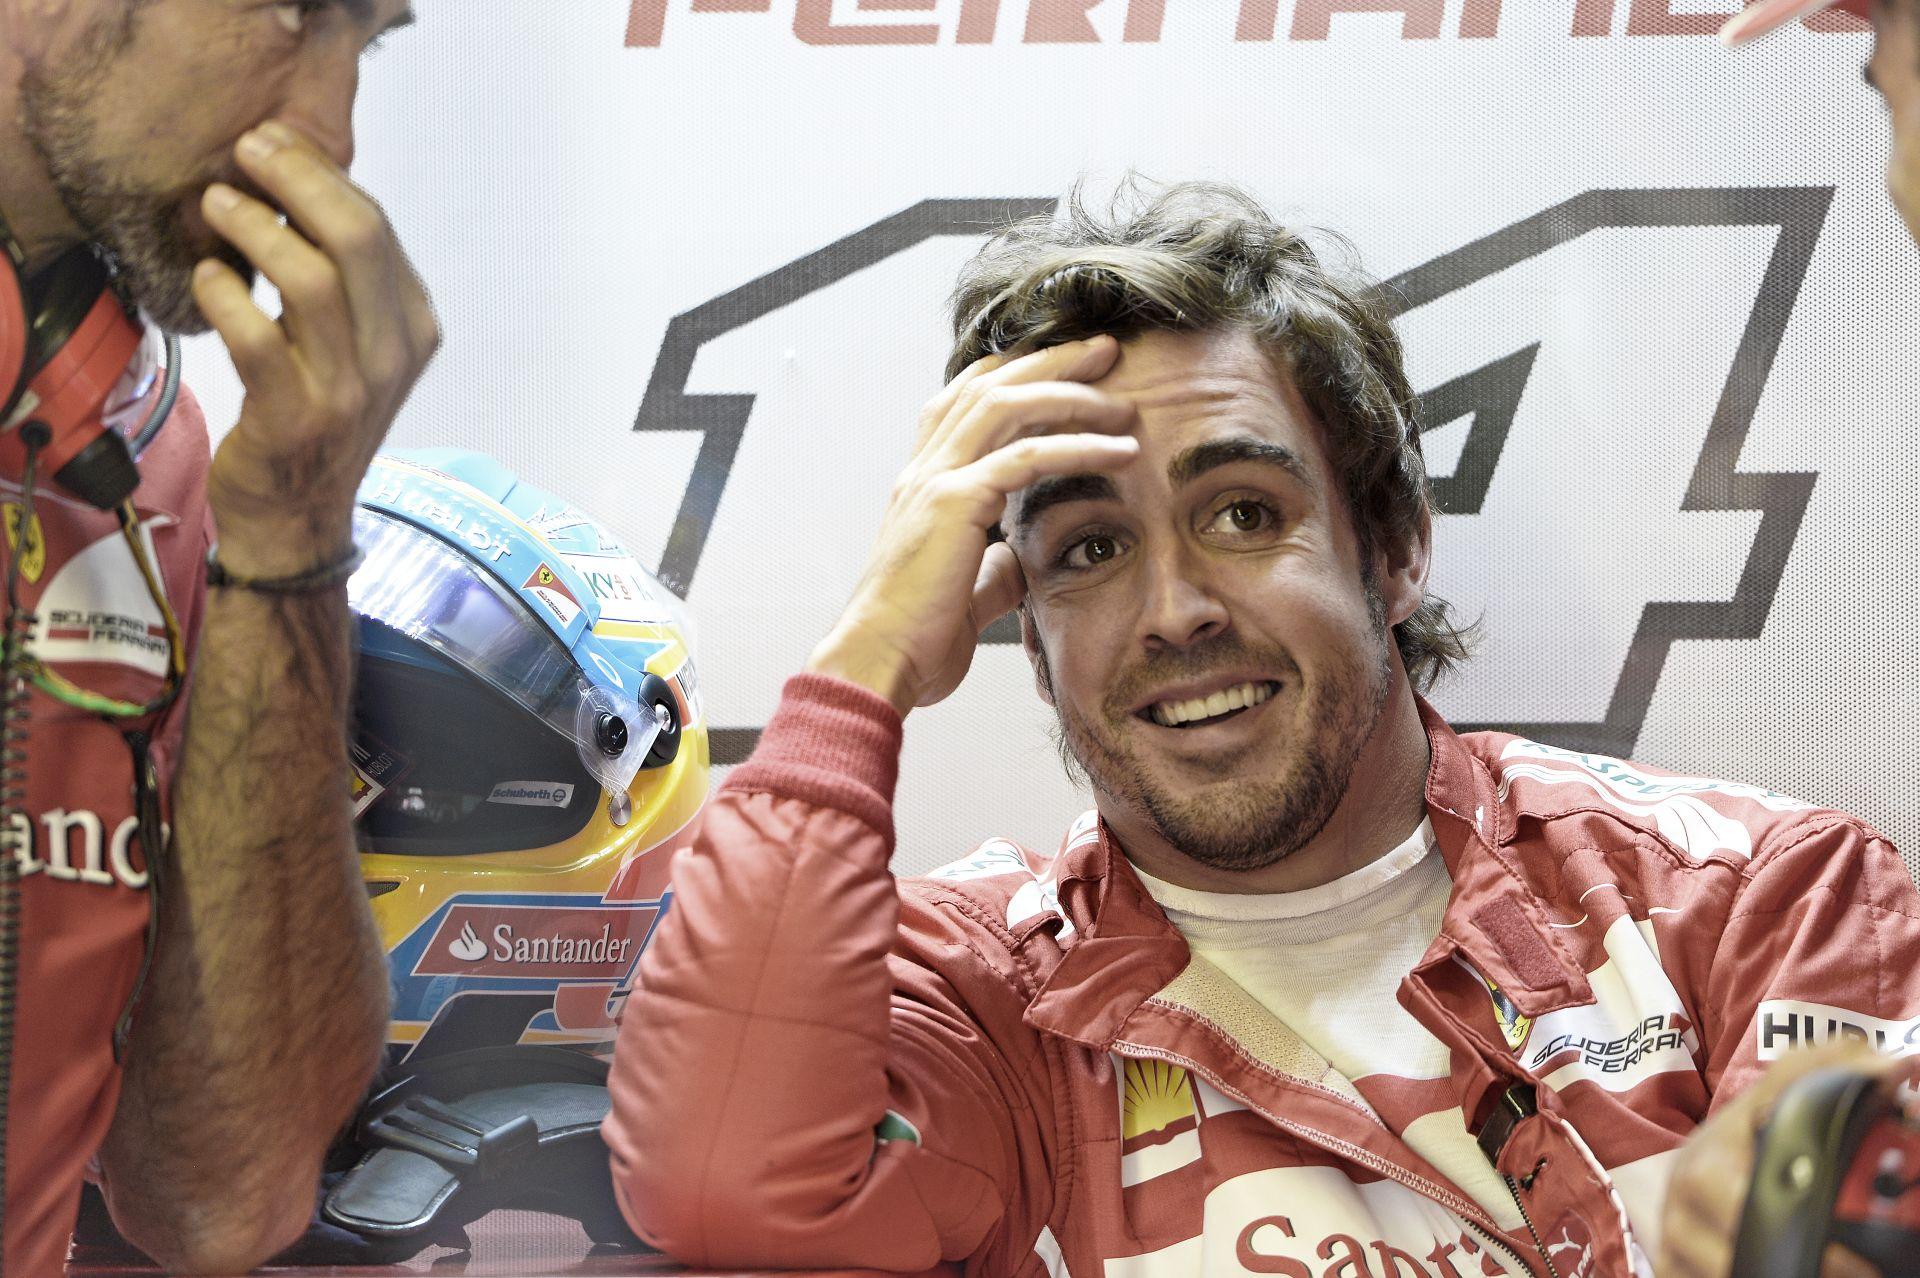 Alonso az év versenyét futotta a Red Bull Ringen, Raikkönen messze a spanyol mögött